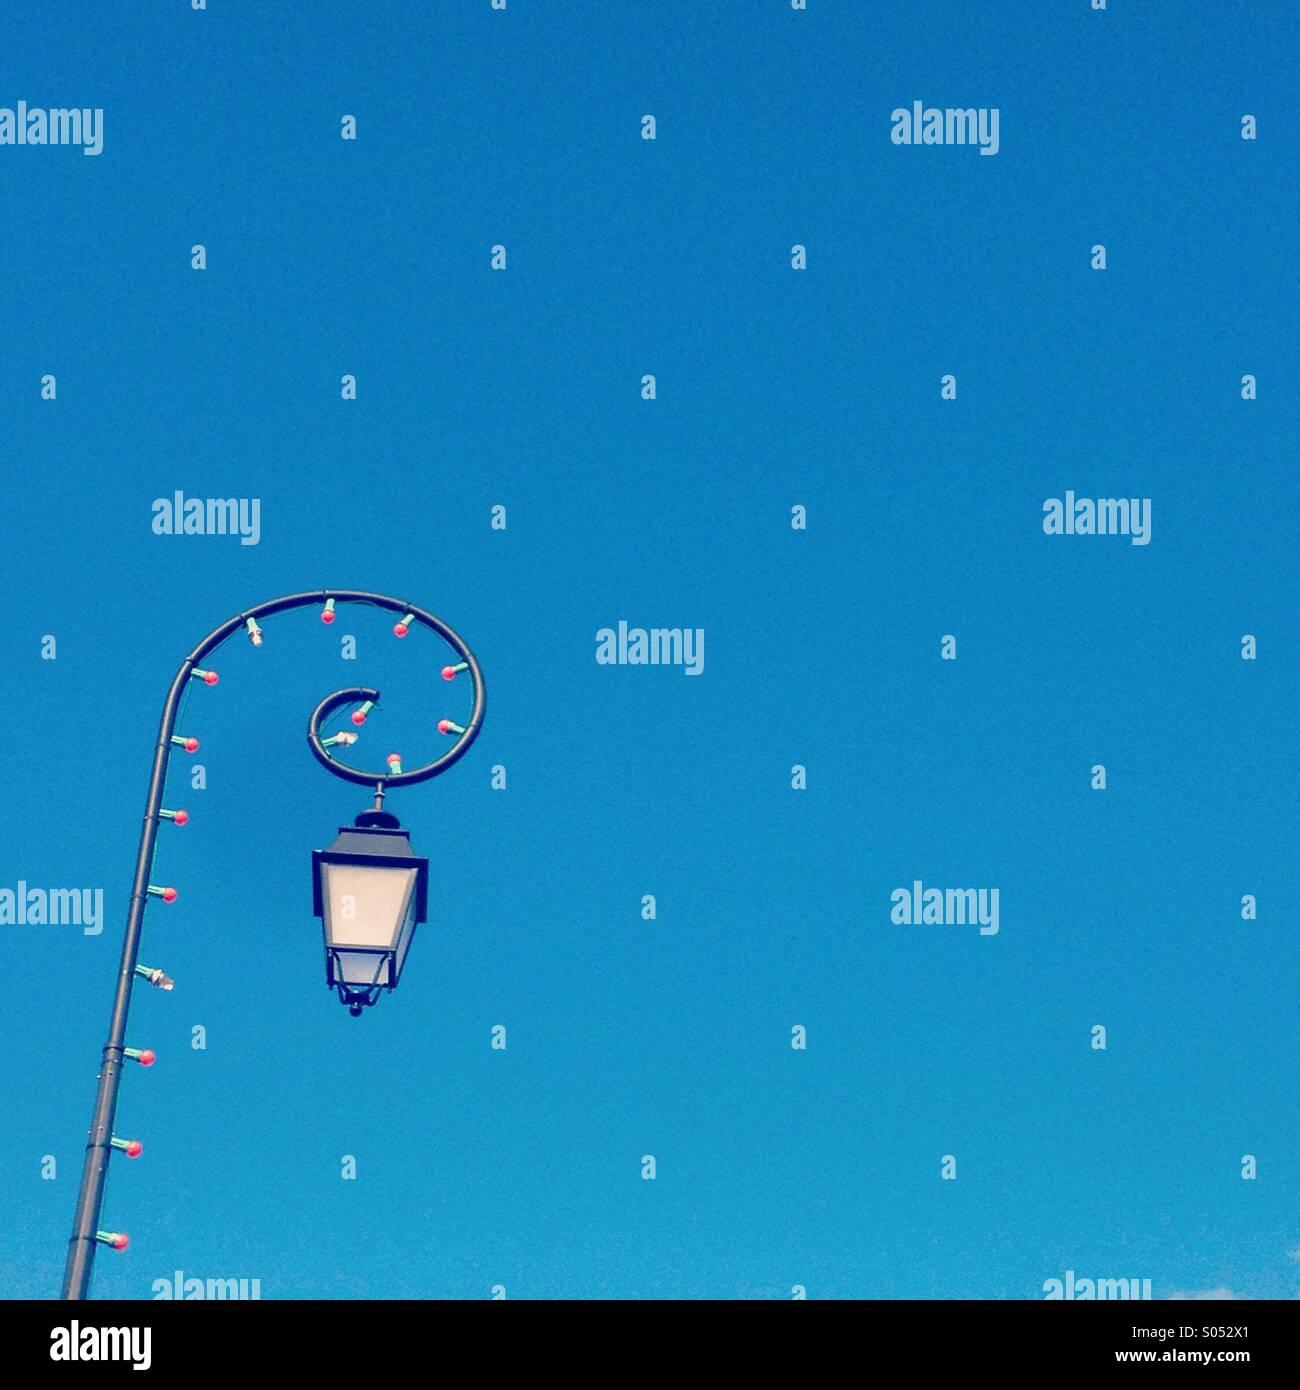 Street light against blue sky - Stock Image